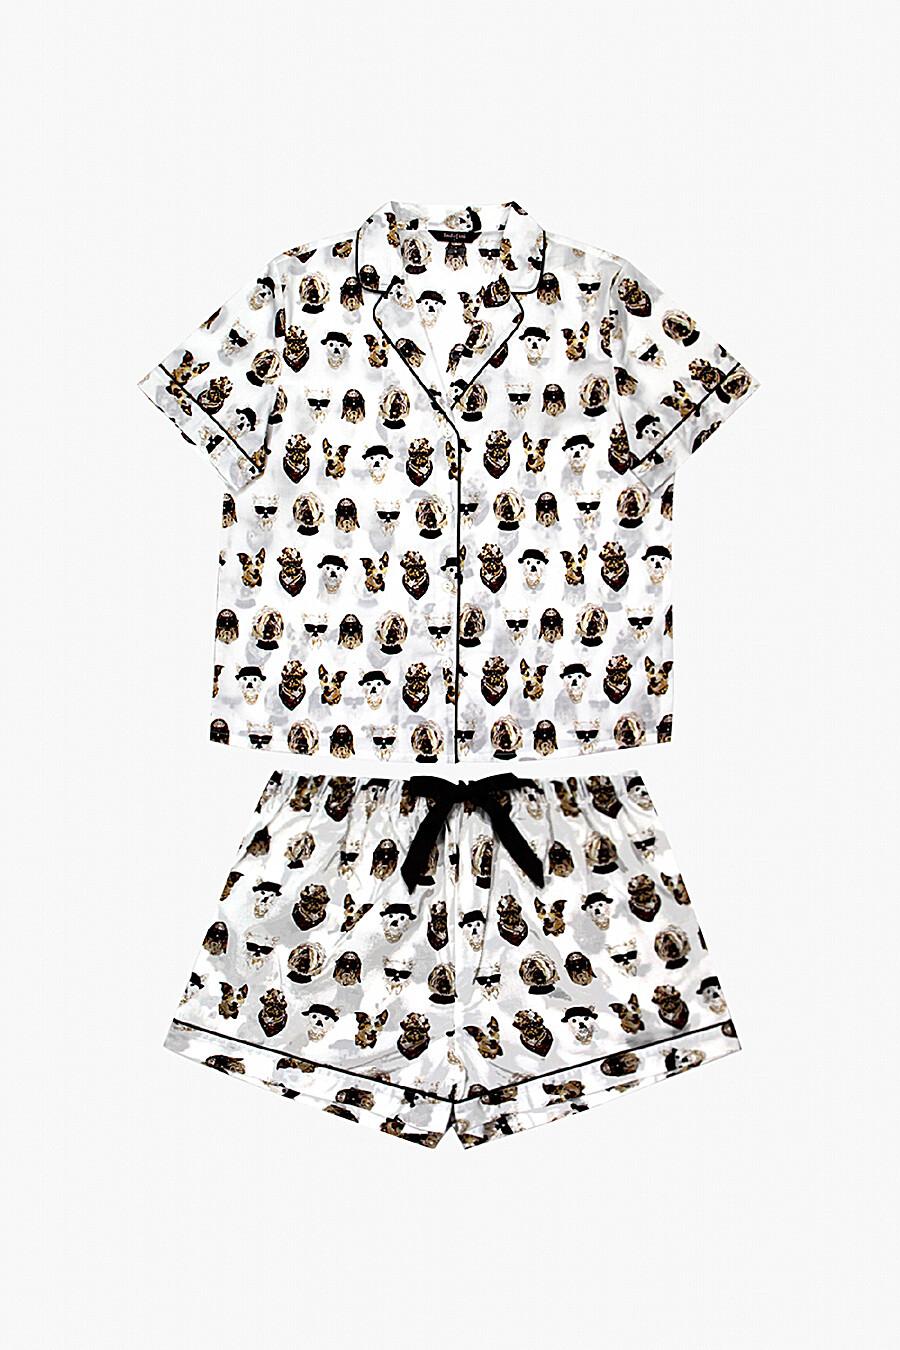 Пижама (Футболка + Шорты) для женщин INDEFINI 272377 купить оптом от производителя. Совместная покупка женской одежды в OptMoyo